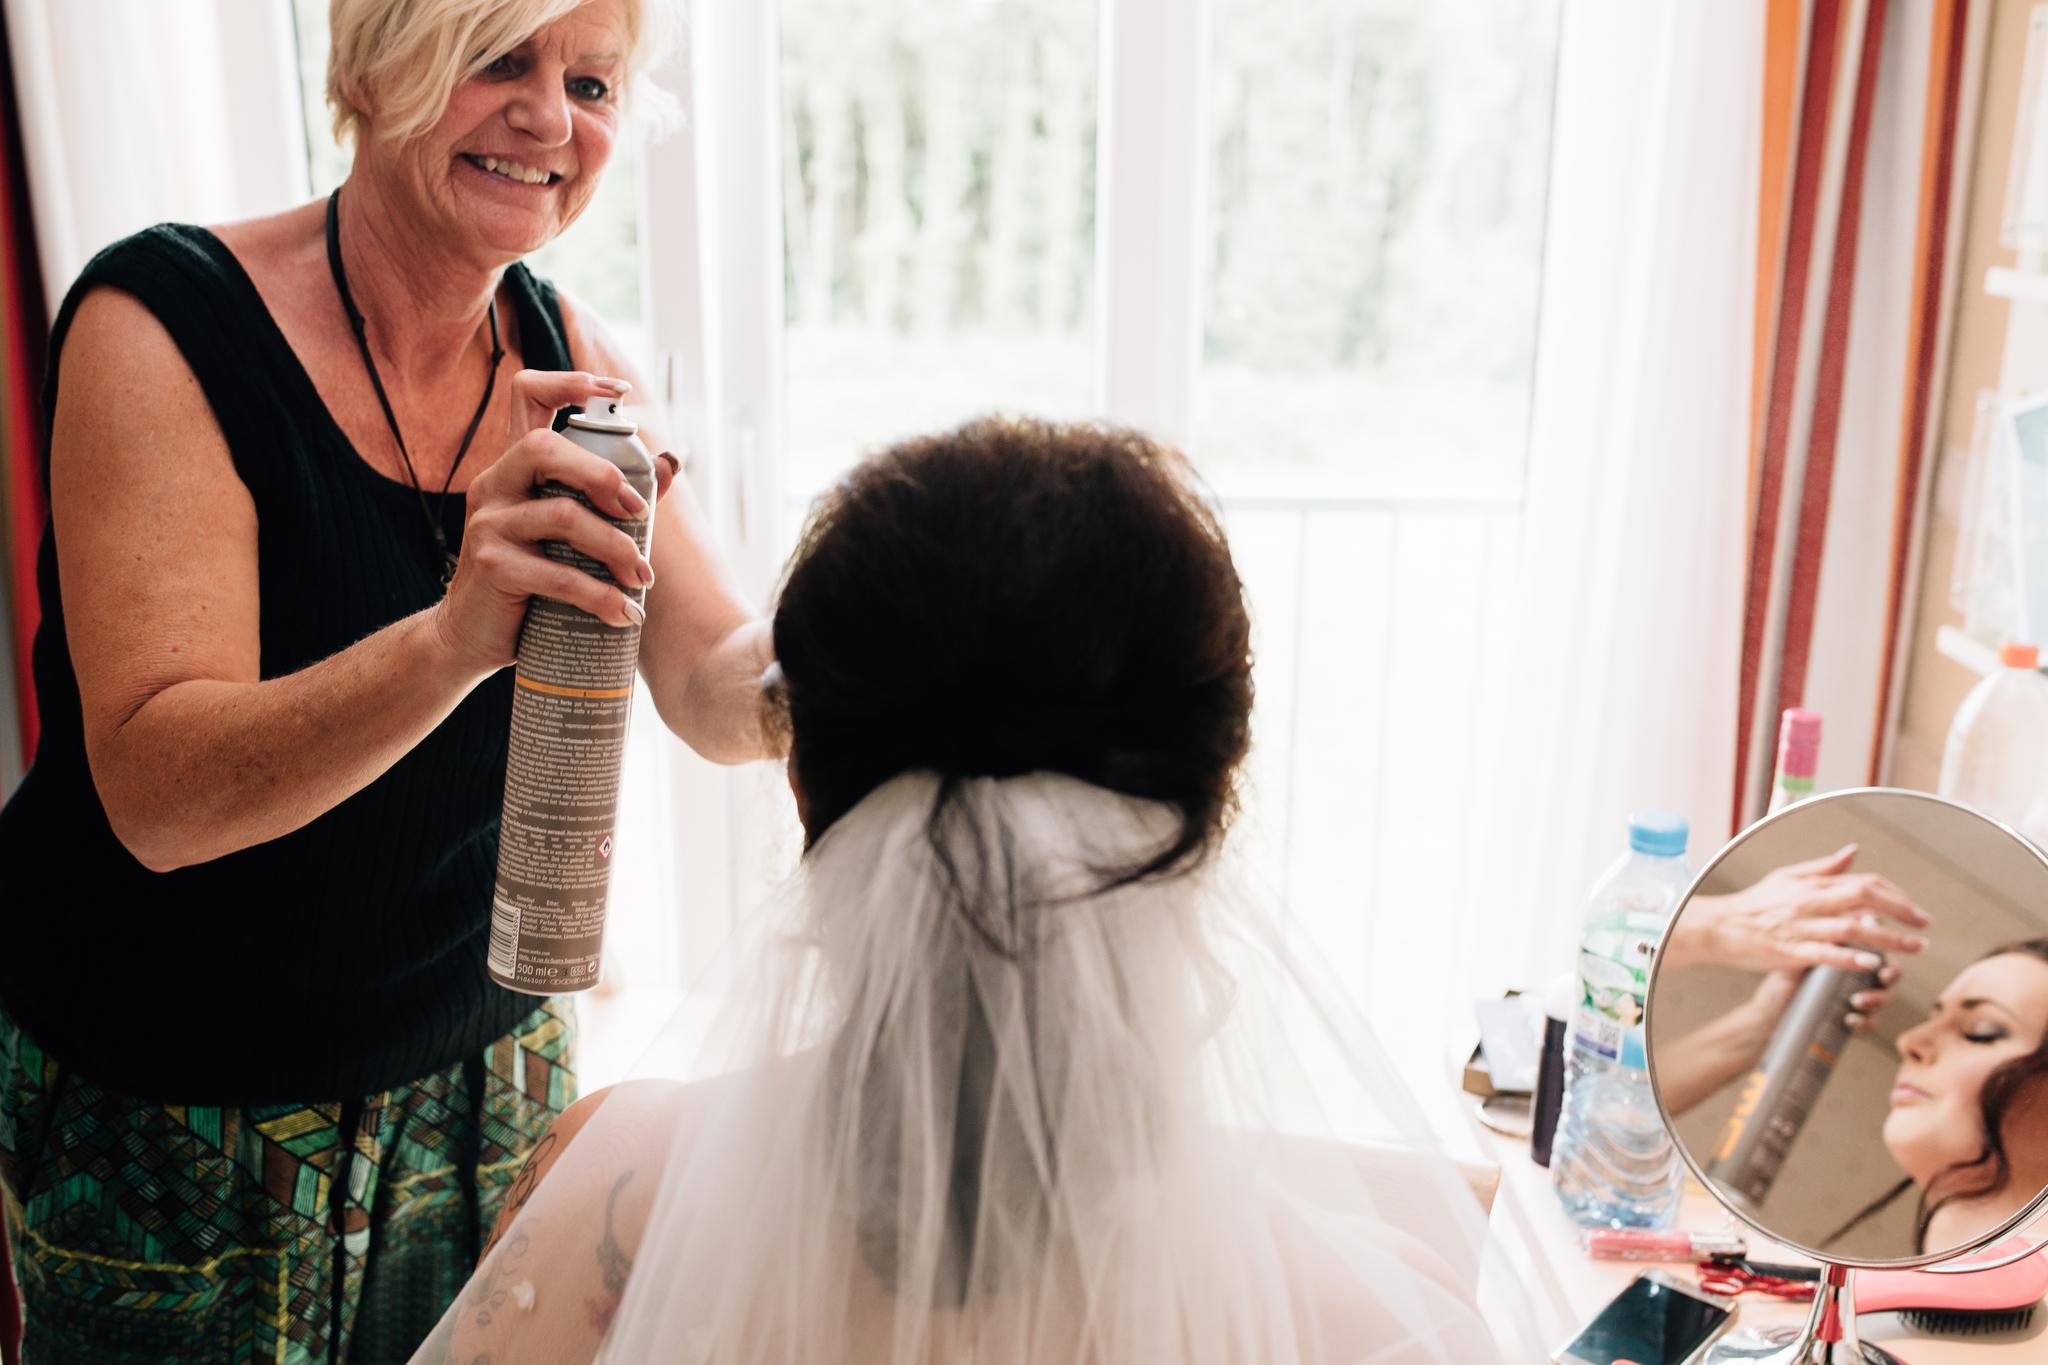 Claudia Krawinkel Fotografie Hochzeitsfotografie Hochzeit Blumenhalle im Brückenkopfpark Jülich Essen Düsseldorf Bochum Dortmund Mönchengladbach NRW Ruhrgebiet 9